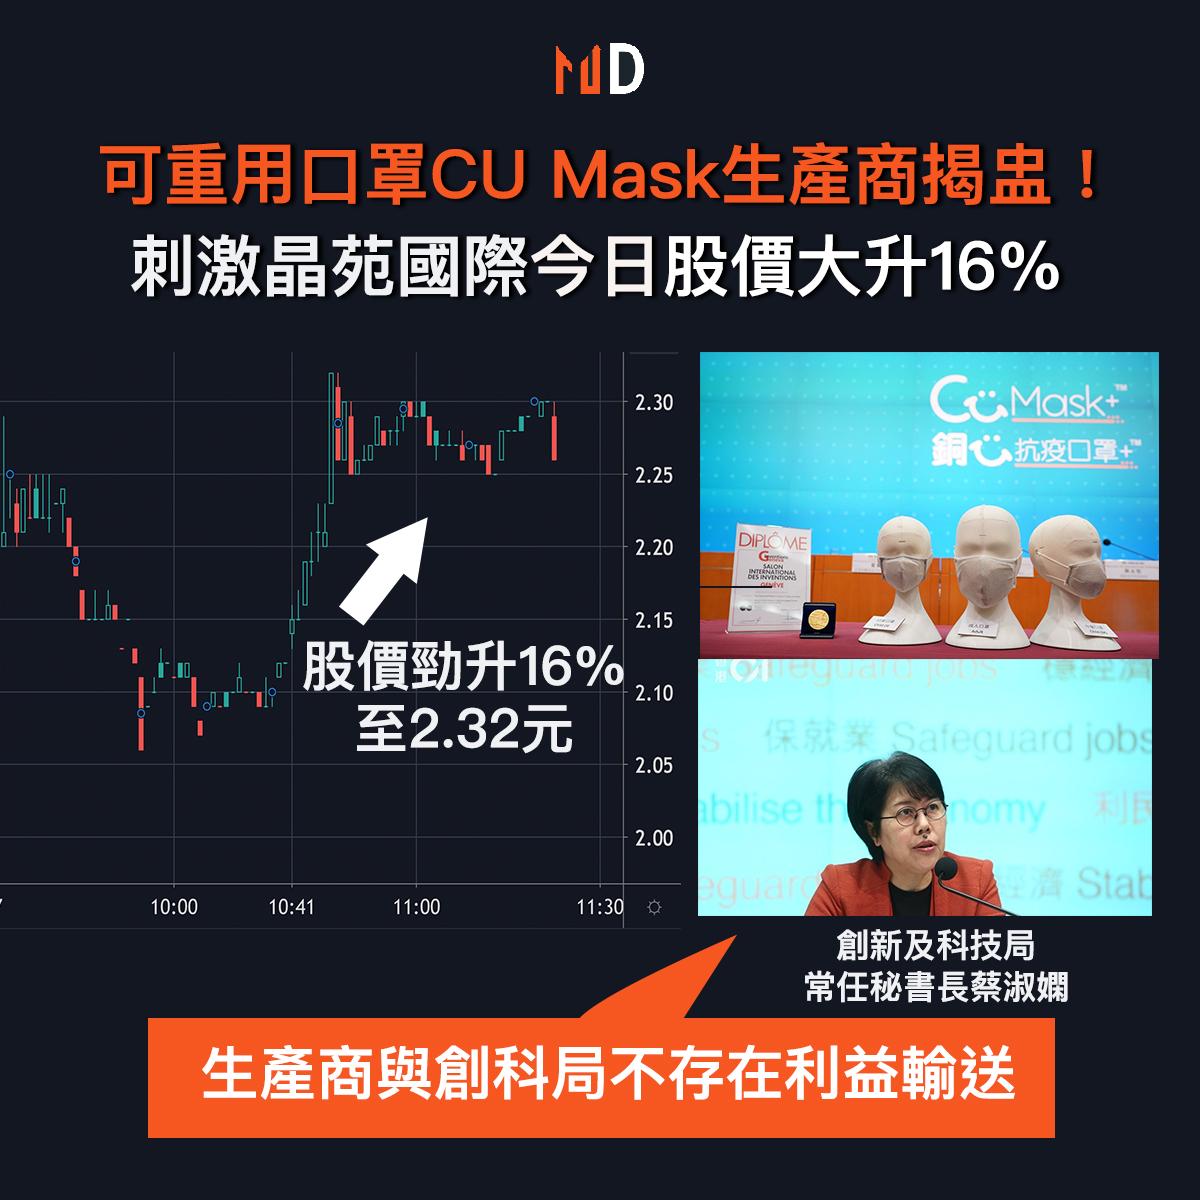 【#市場熱話】生產可重用口罩CU Mask刺激晶苑國際股價大升16%